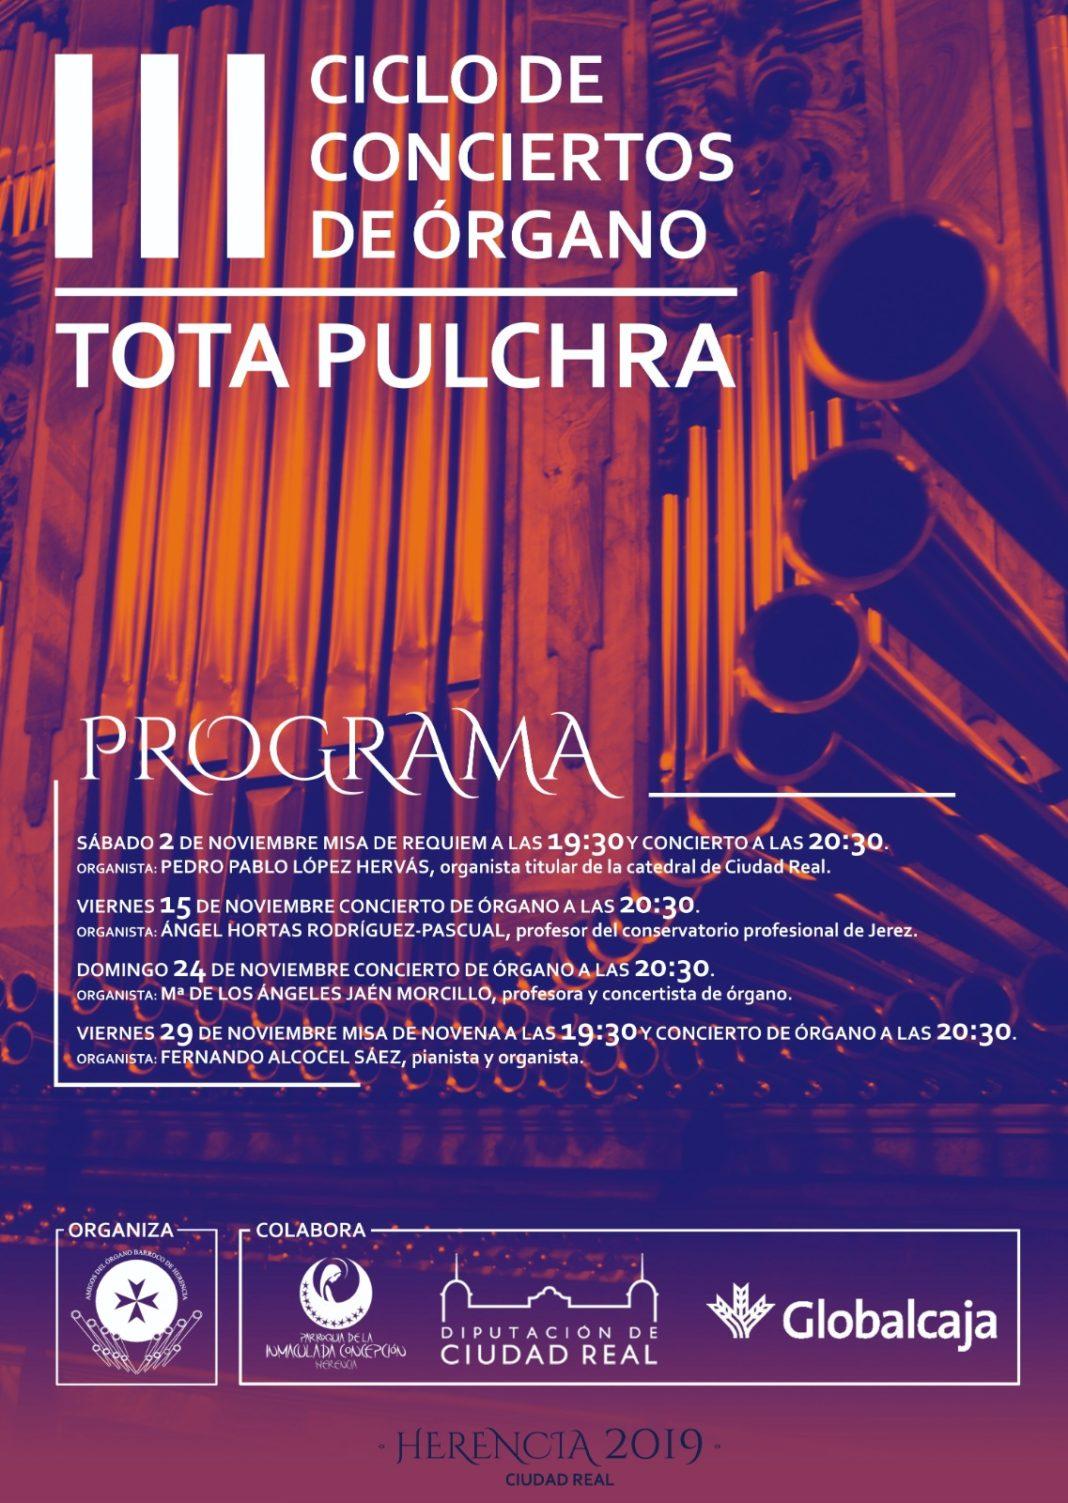 Comienza el III Ciclo de conciertos de órgano en Herencia 4